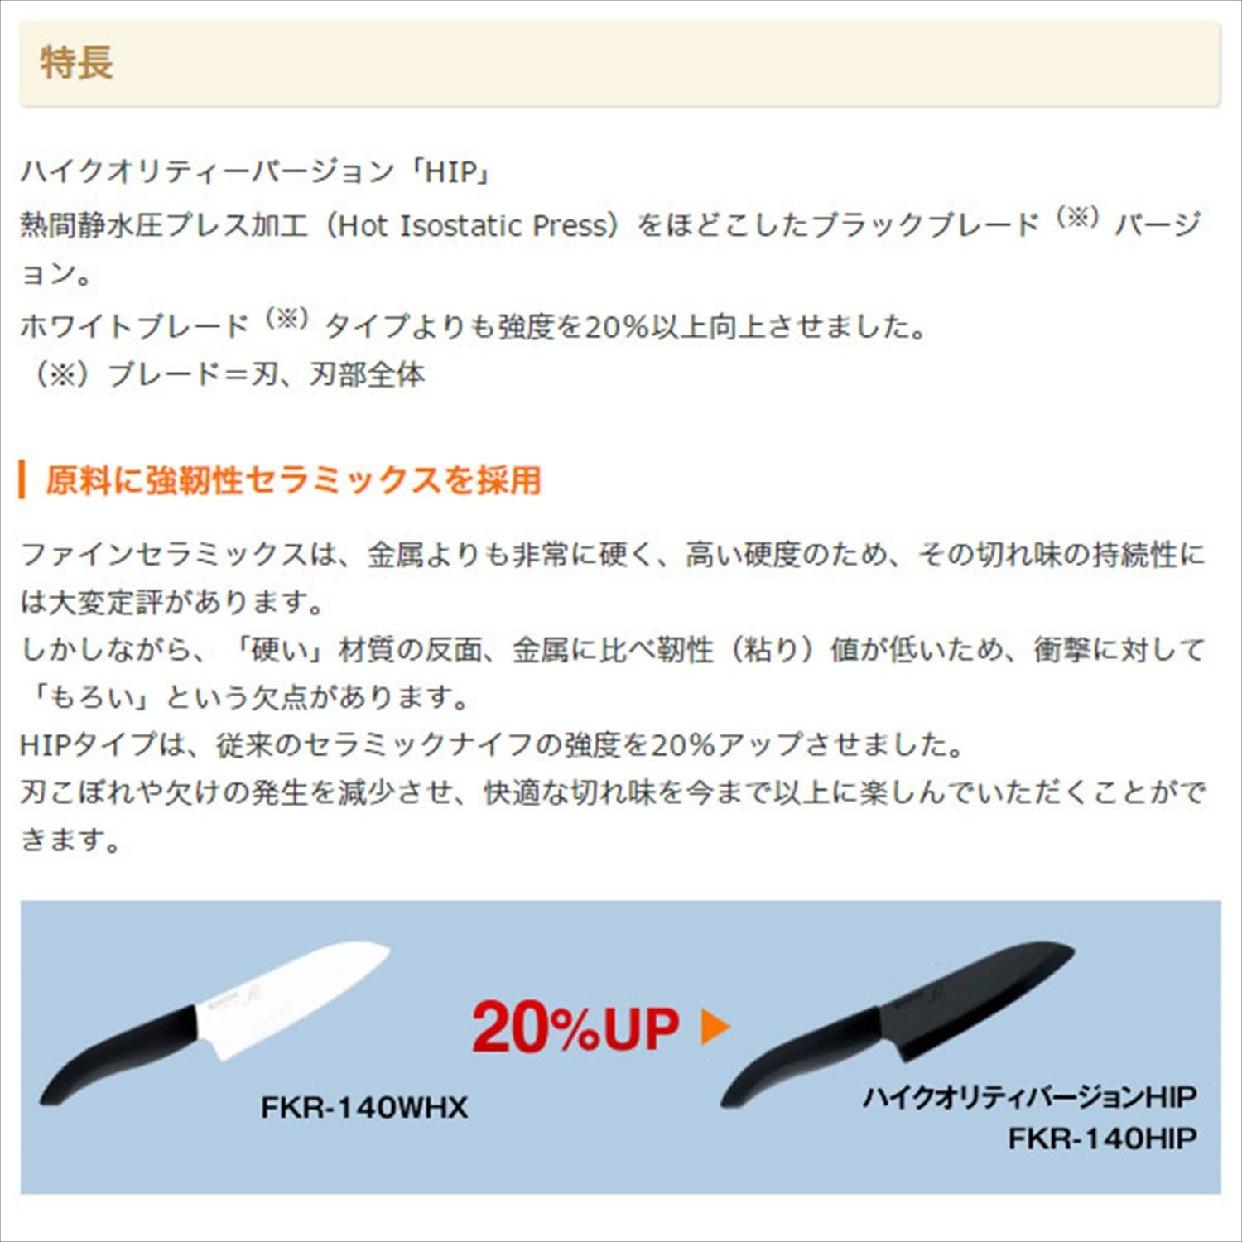 京セラ(KYOCERA) セラミック ペティナイフ FKR-130HIP-FPの商品画像3